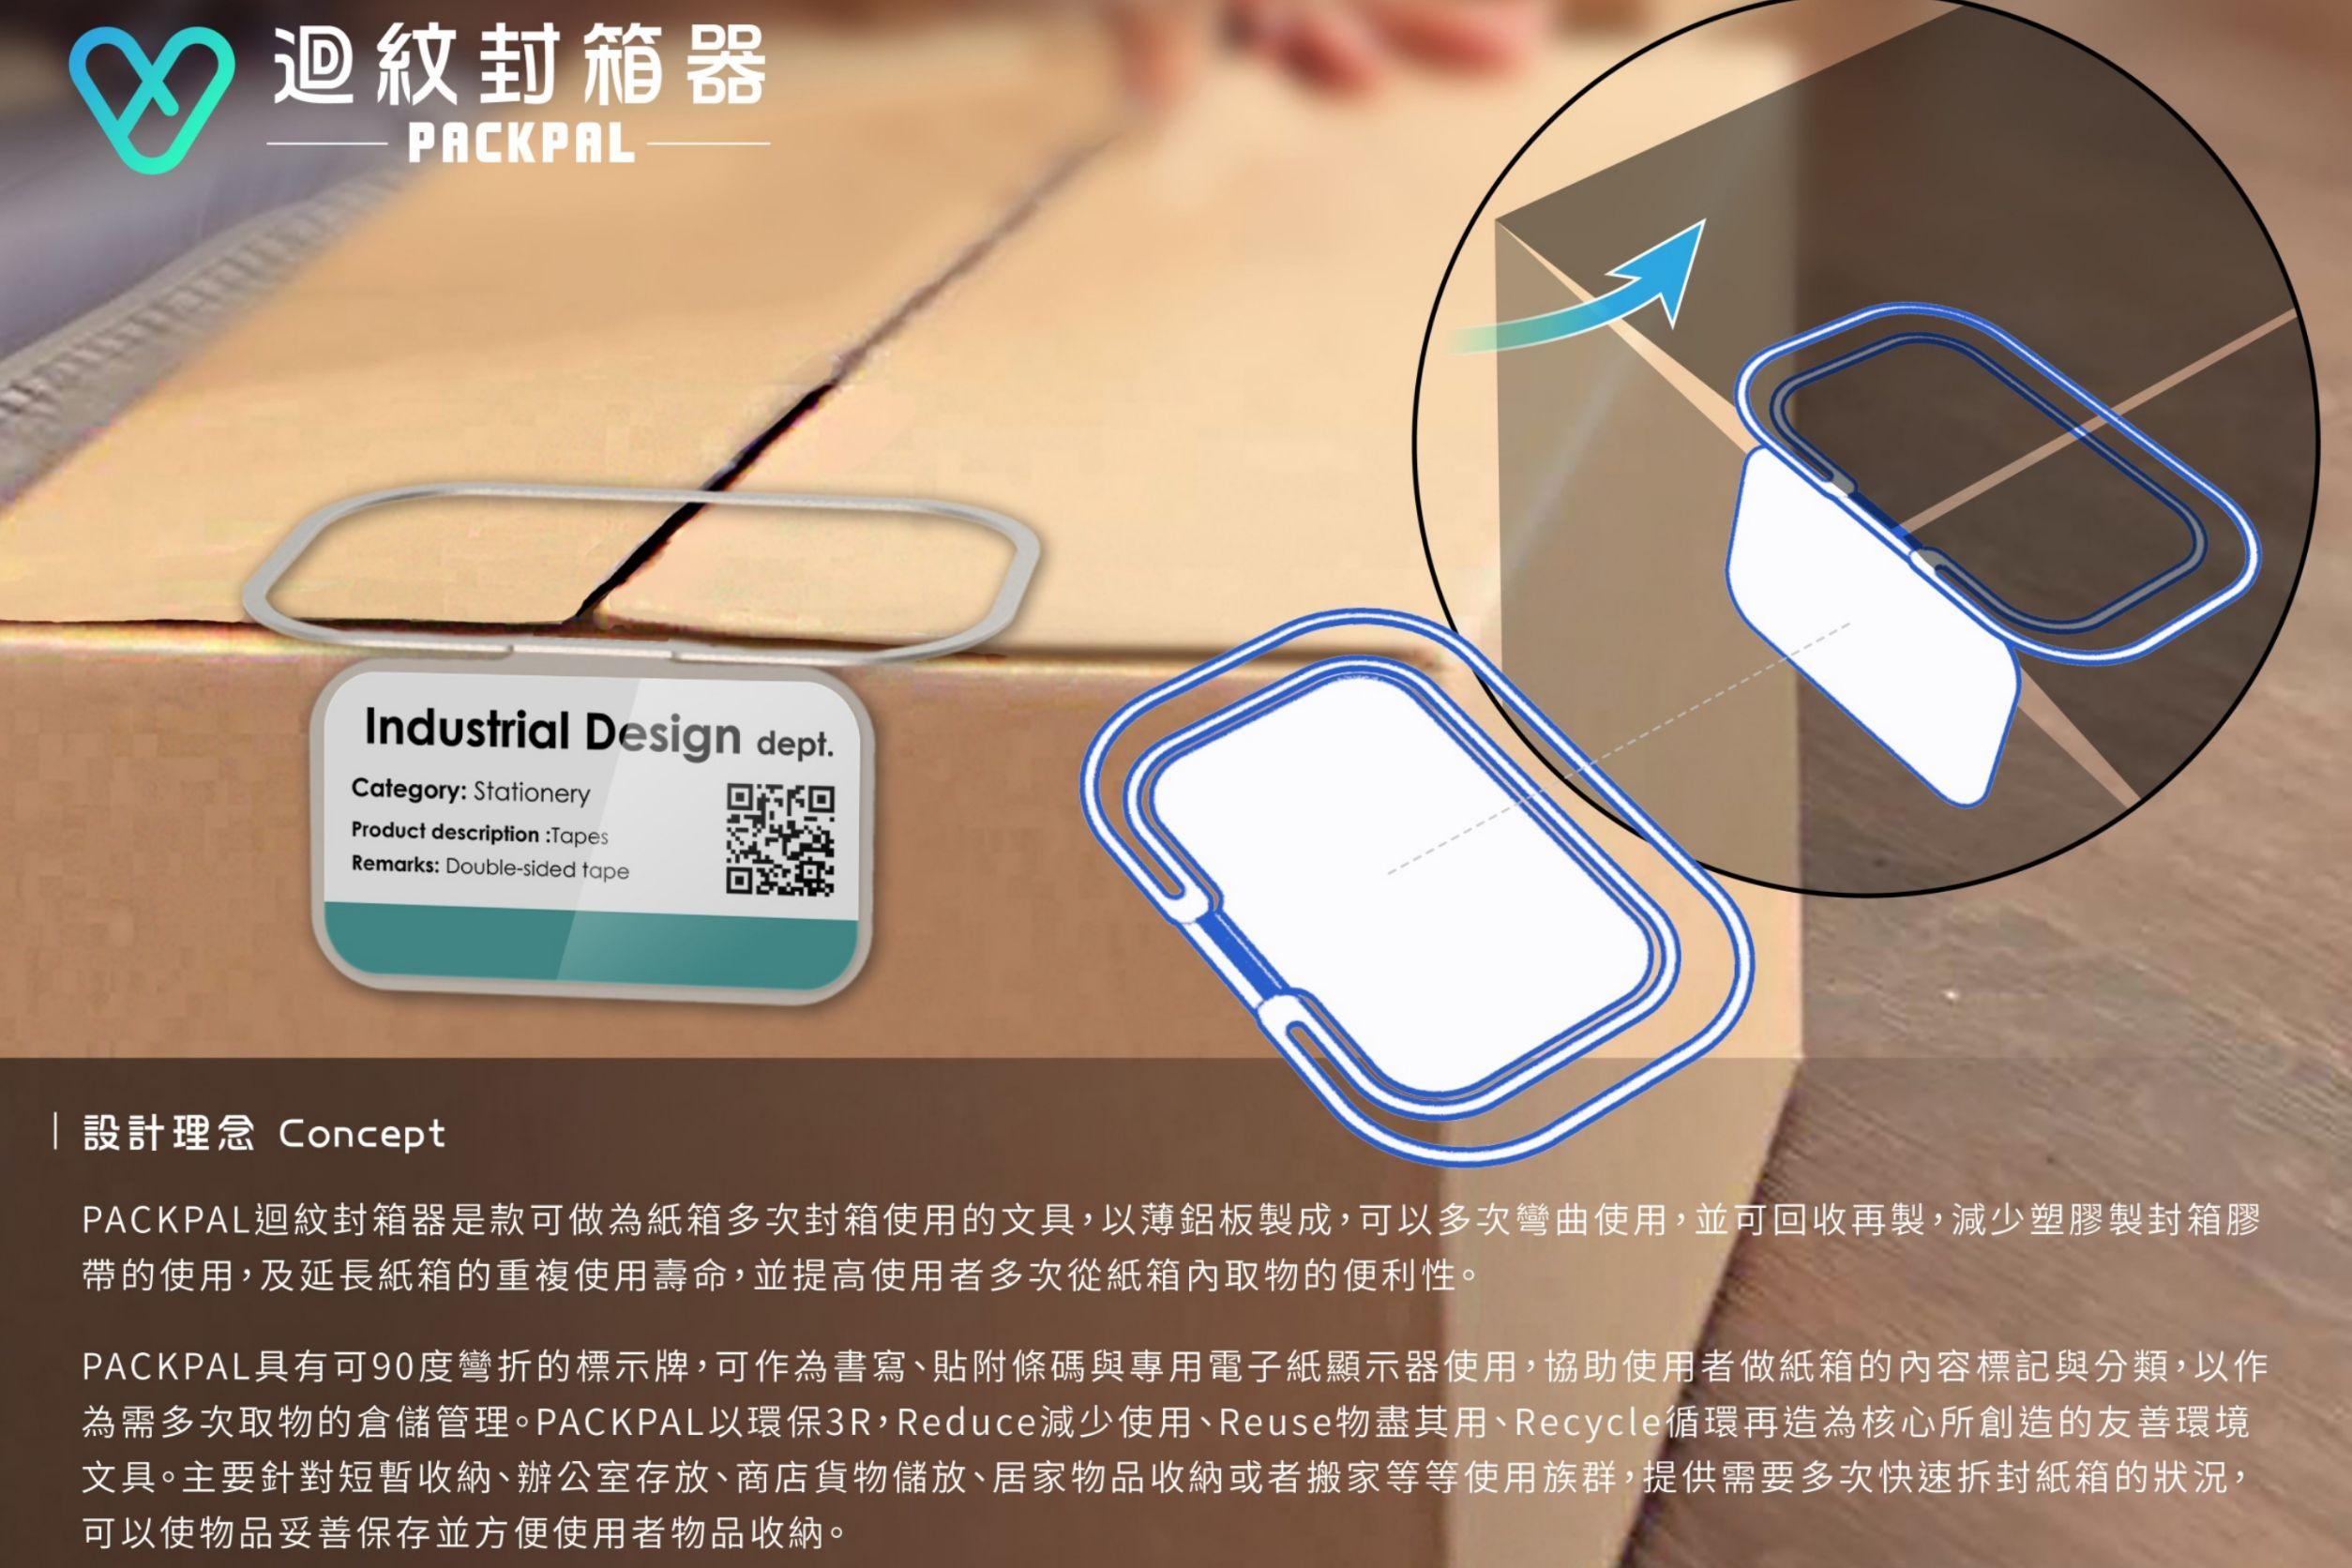 「迴紋封箱器」(許芳萍、賴謙忱,明志科技大學工業設計系)